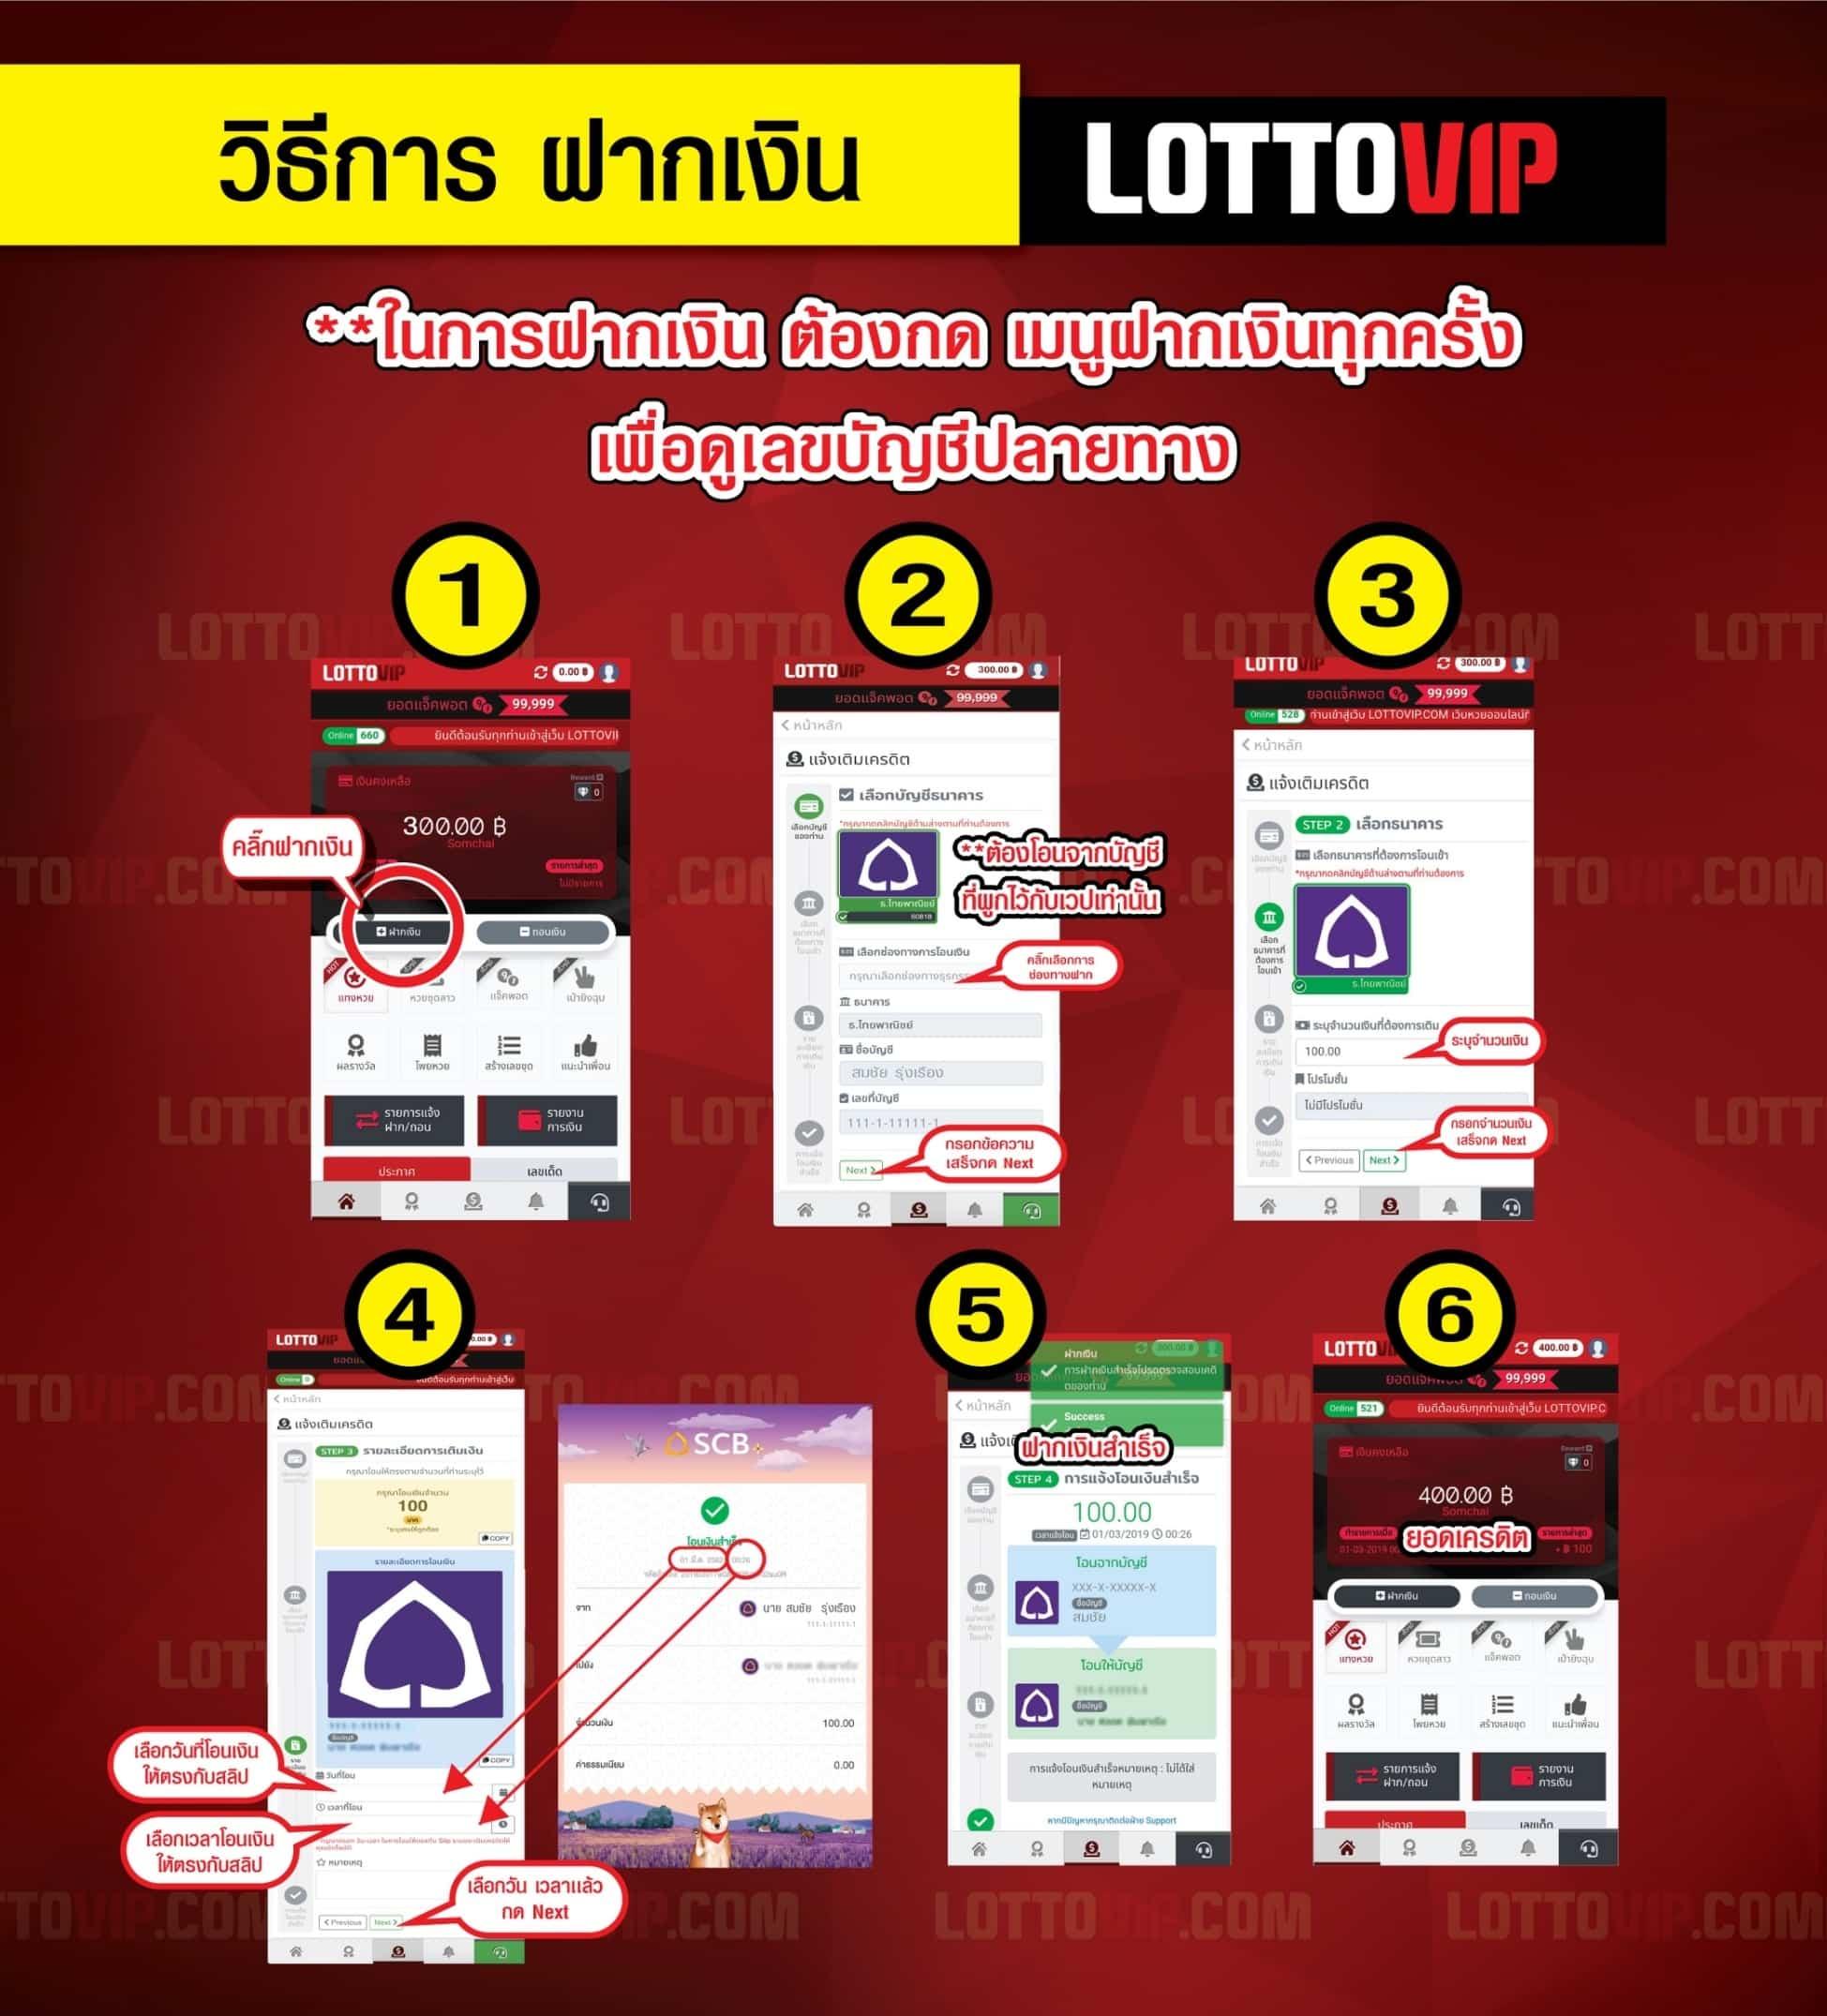 ฝากเงิน-lottovip